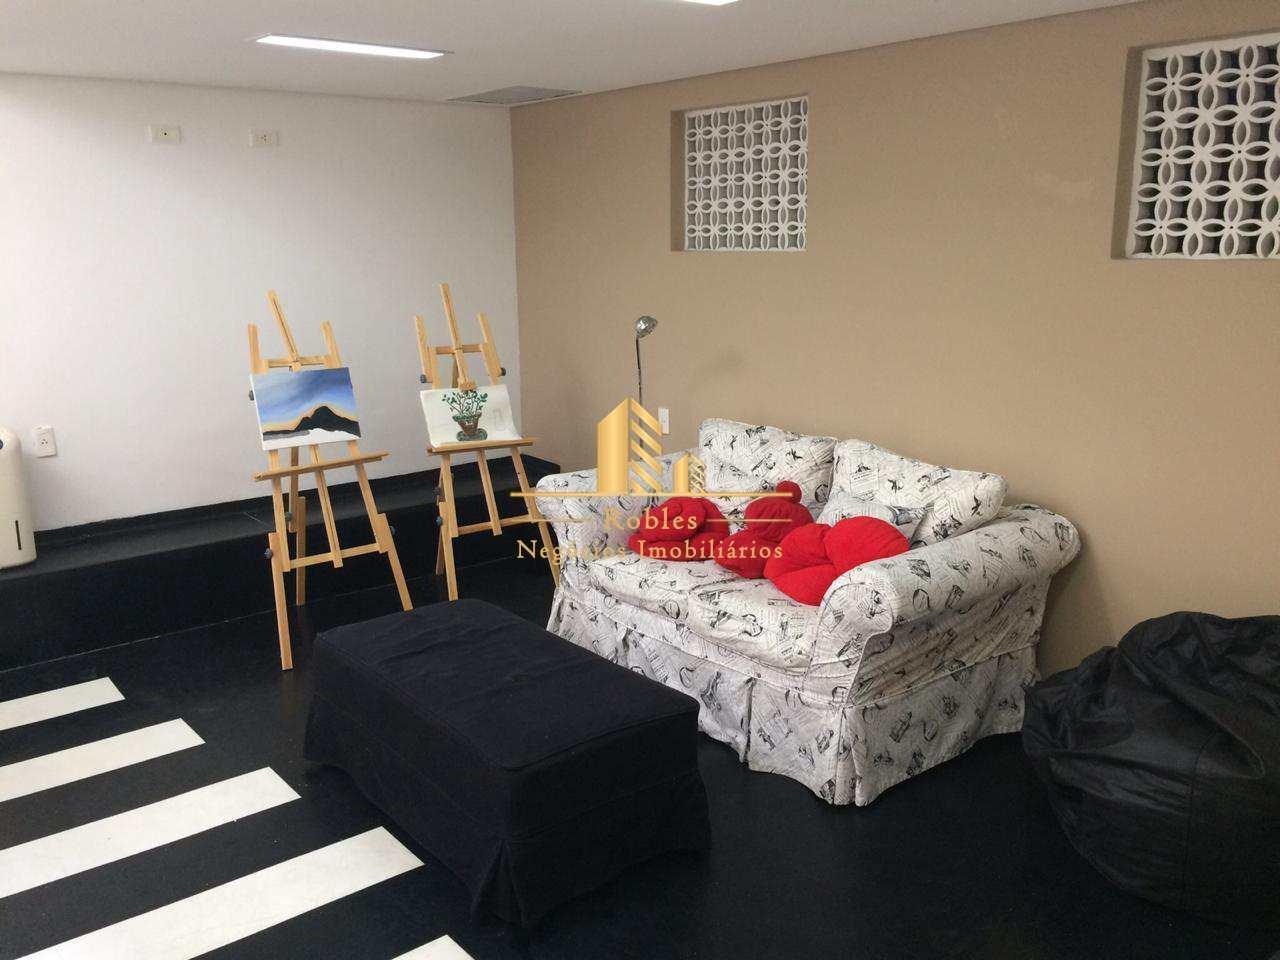 Casa de Condomínio com 4 dorms, Alto da Boa Vista, São Paulo - R$ 2.4 mi, Cod: 365